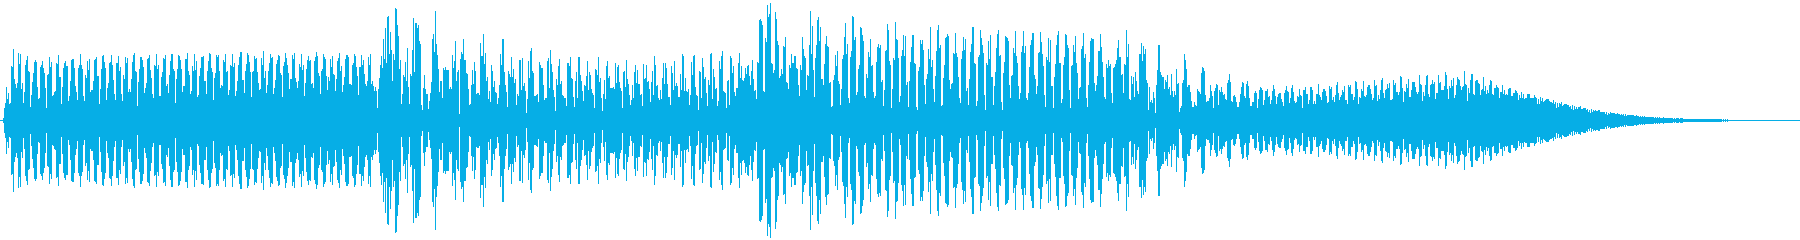 ボタン音(シンセ高音)の再生済みの波形